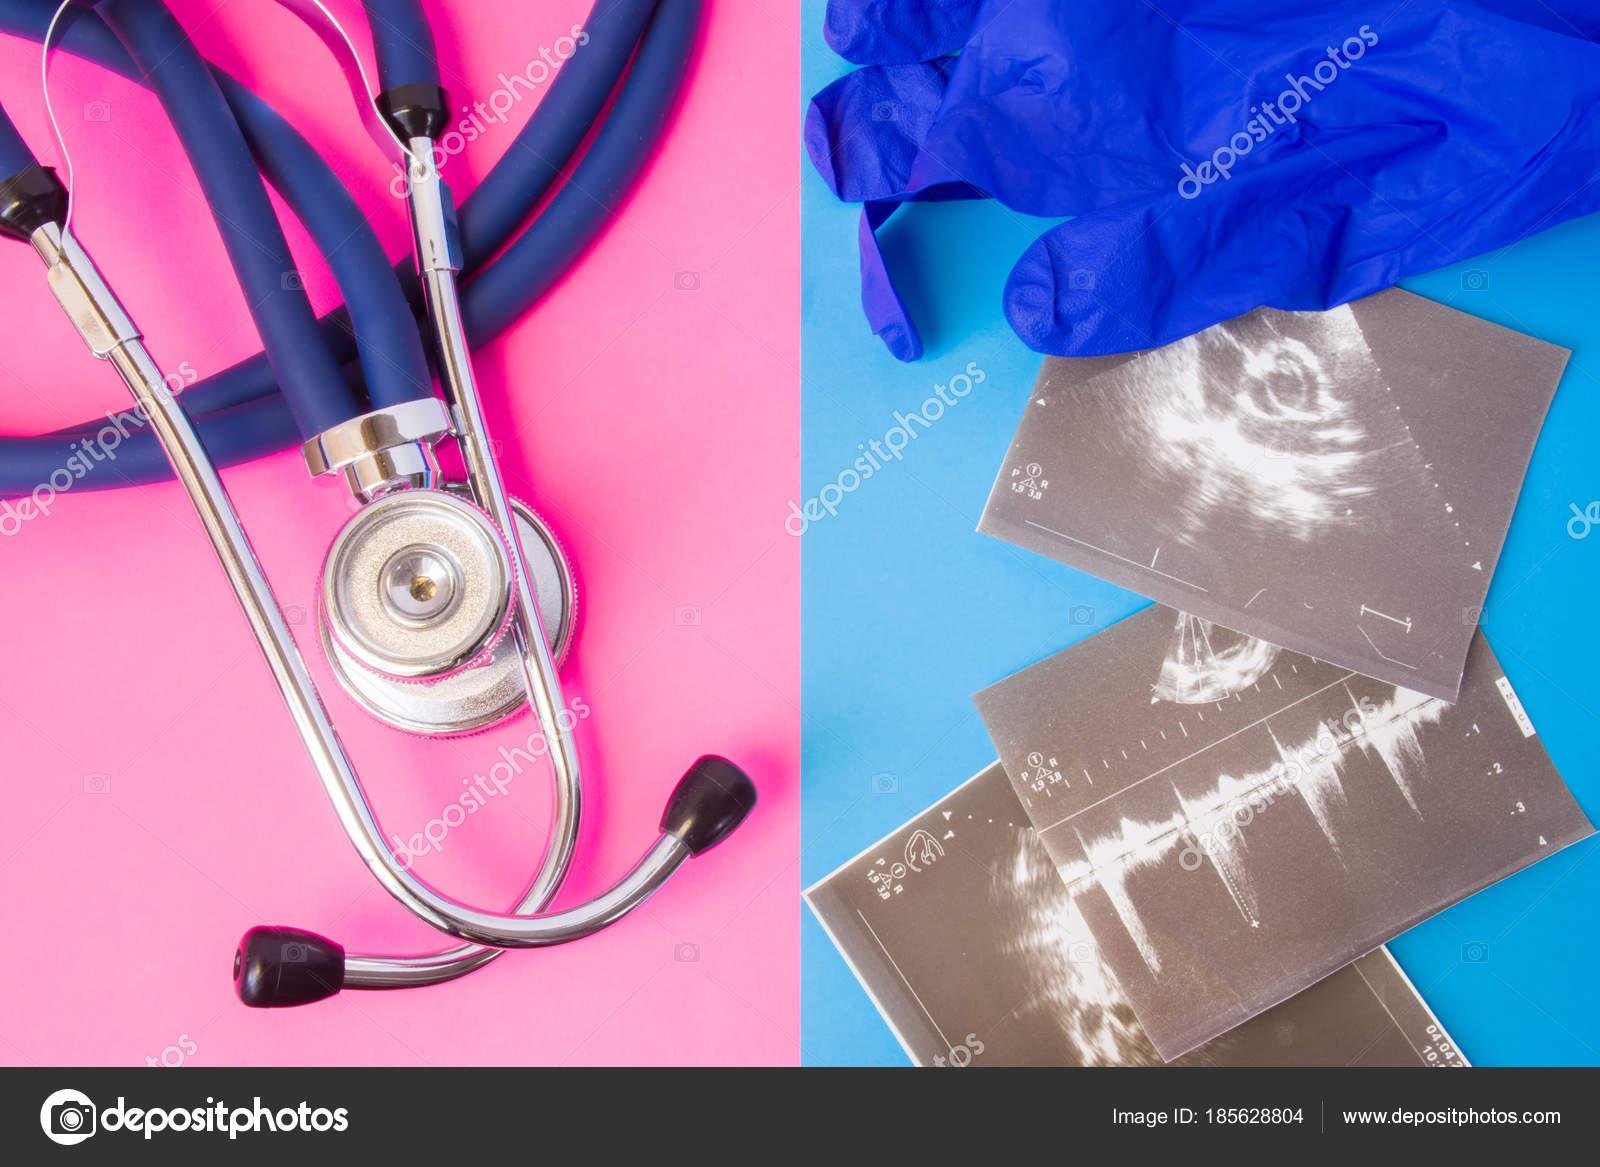 Ultrason için hazırlık nedir